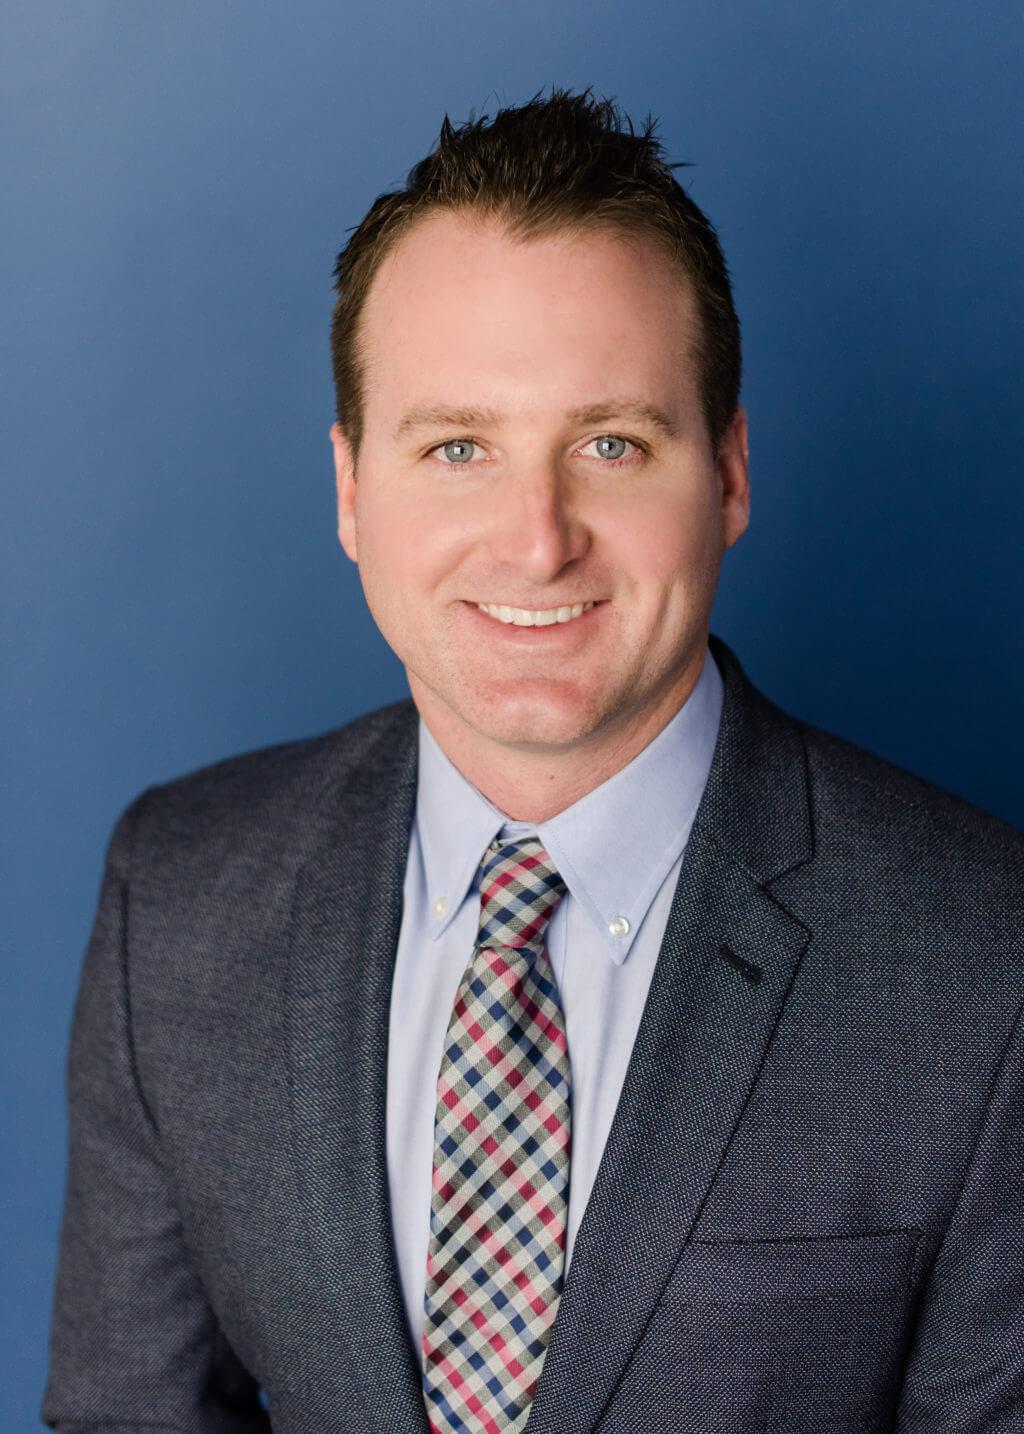 Brady Lippard